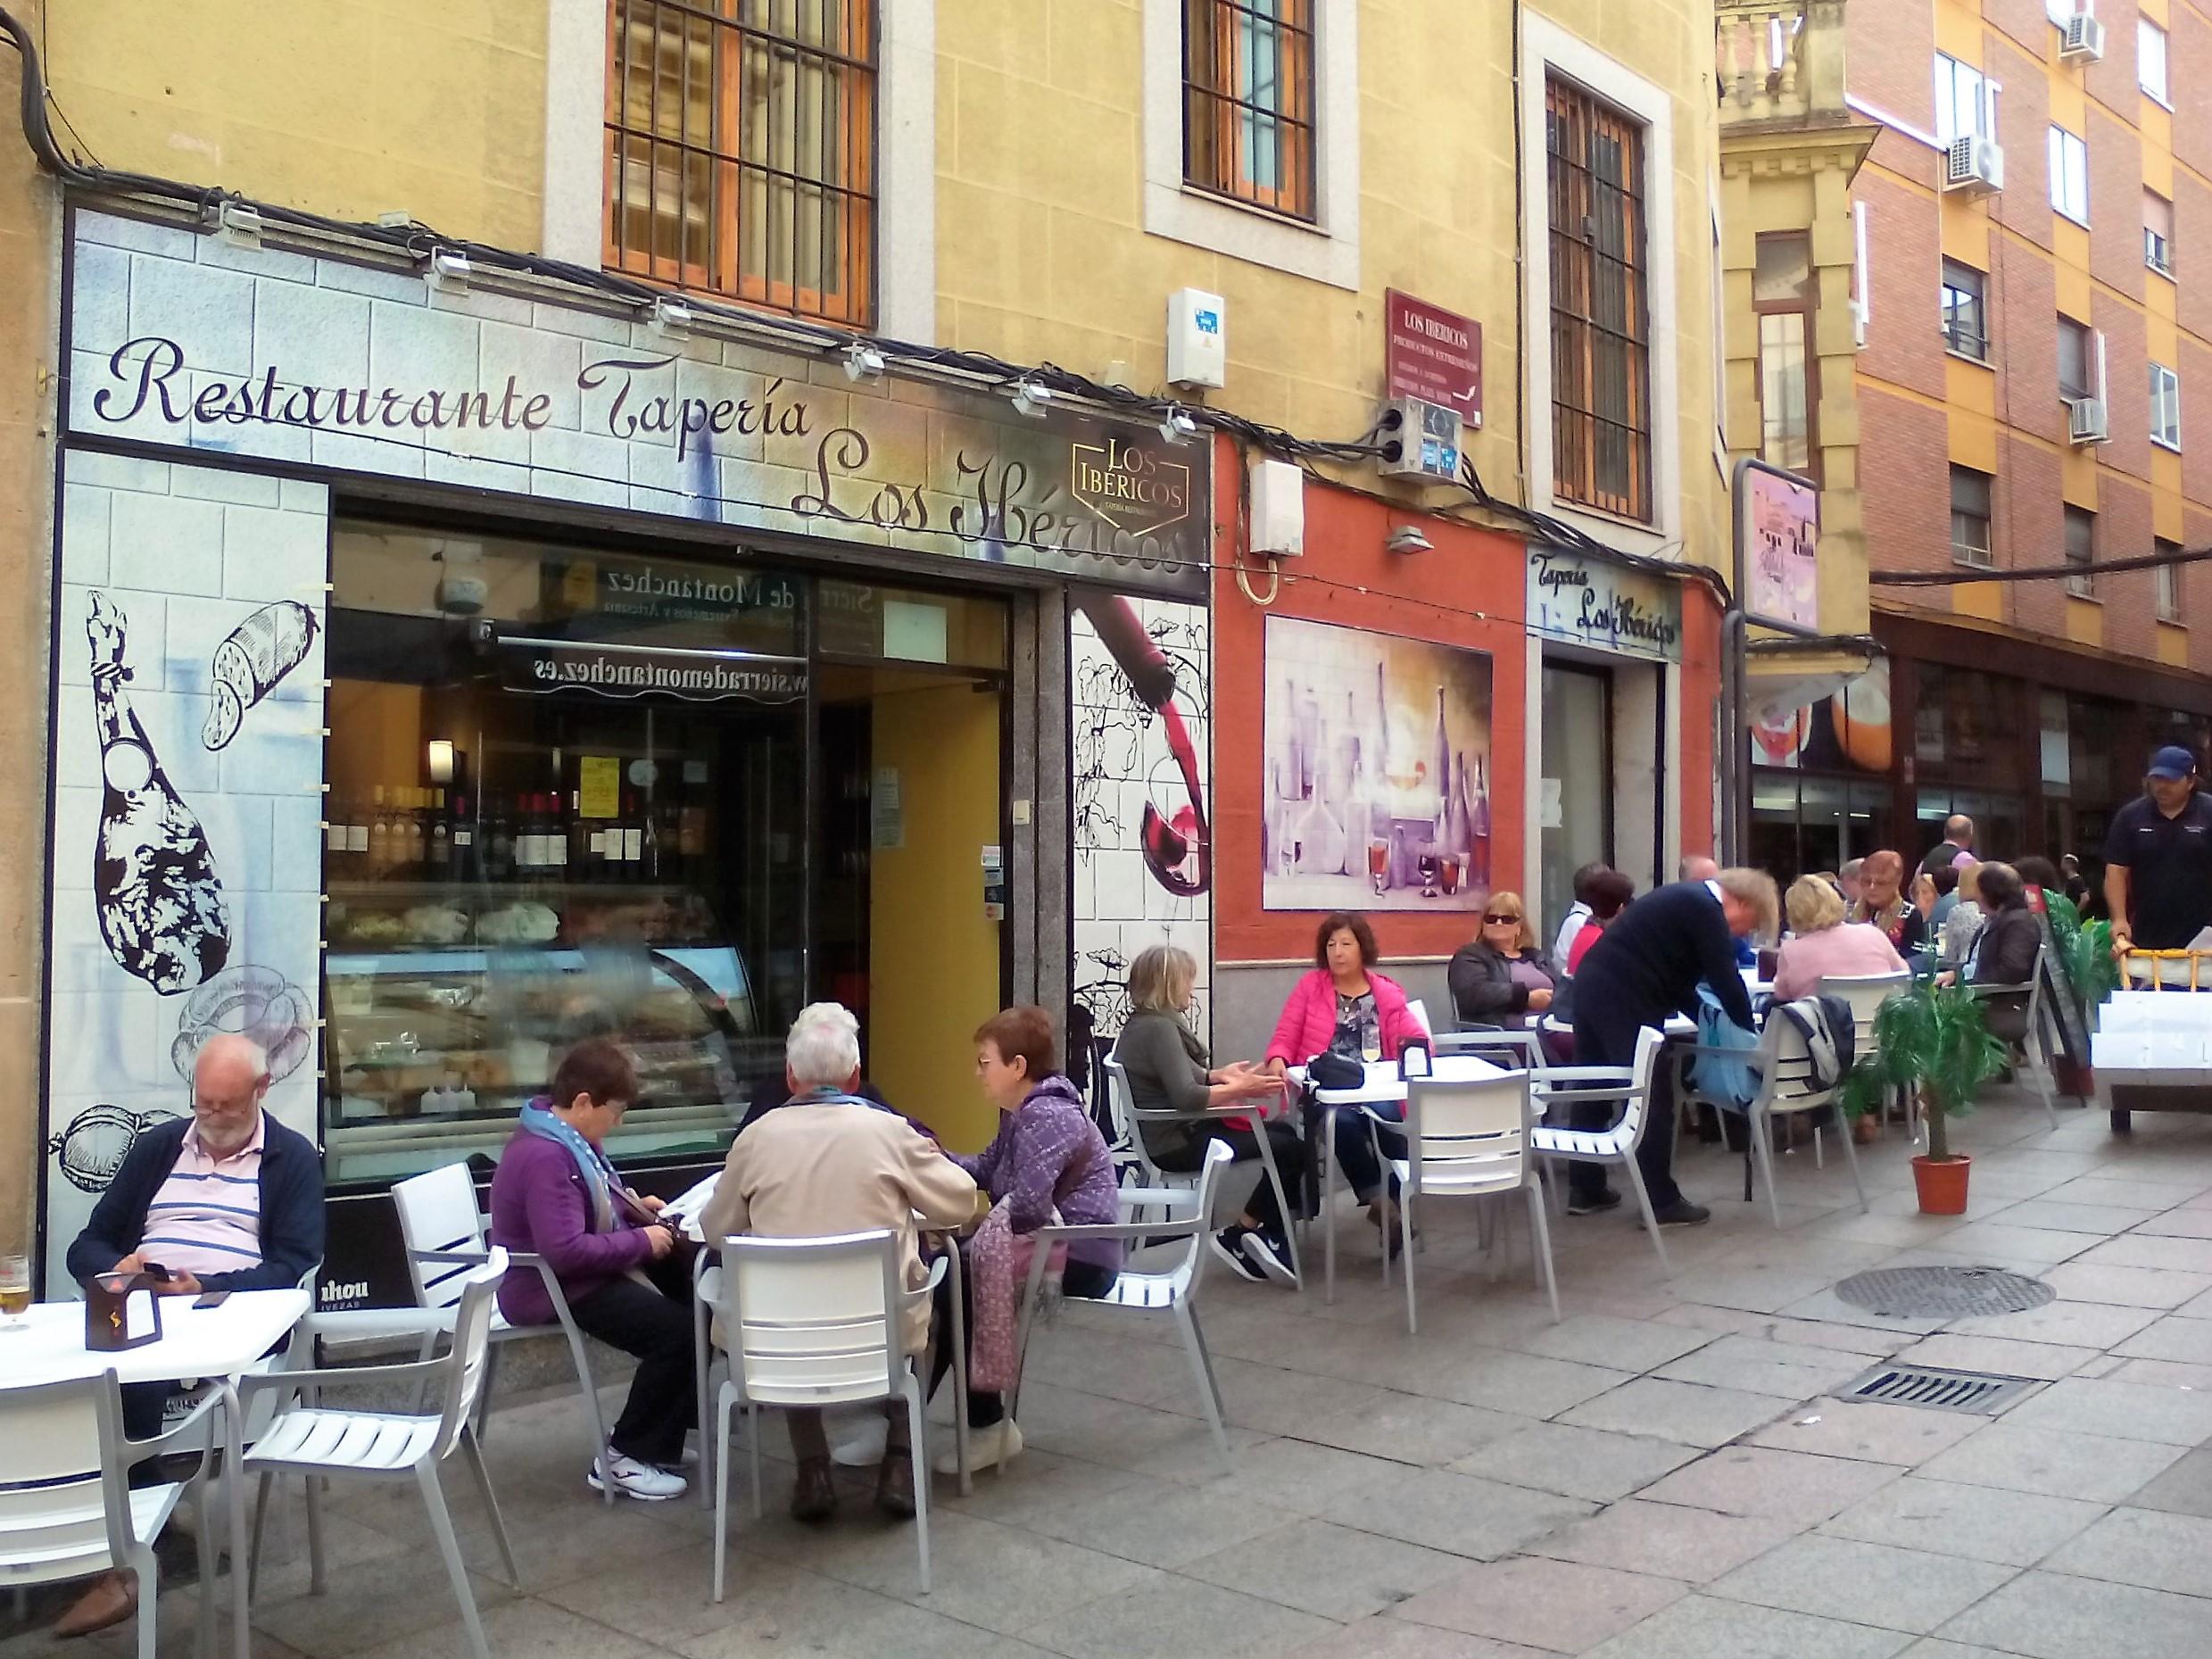 Tapería Restaurante Cáceres Los Ibéricos